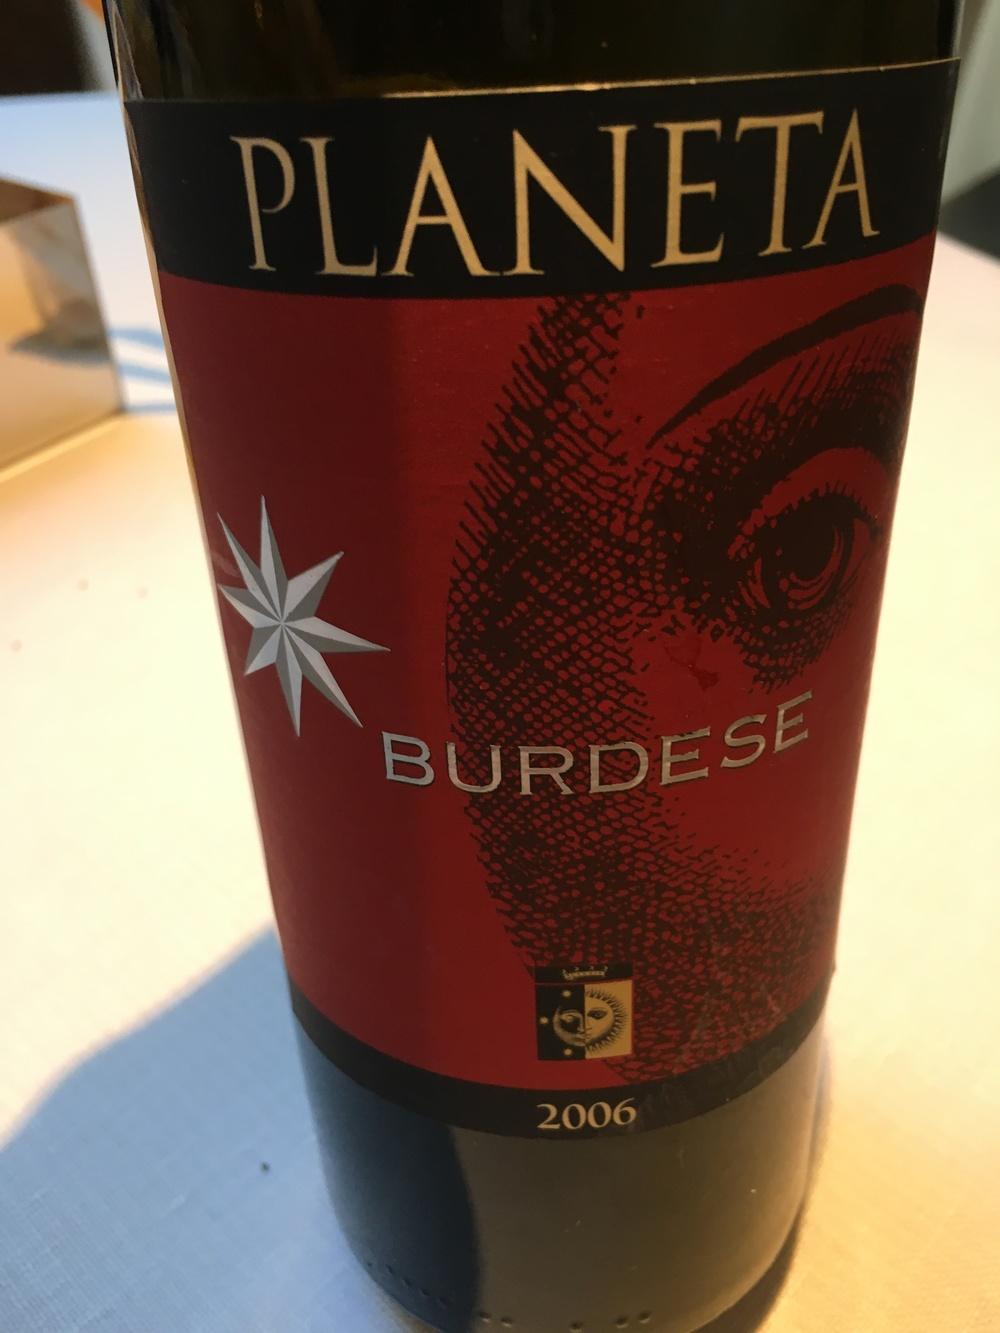 2006 Planeta Burdese